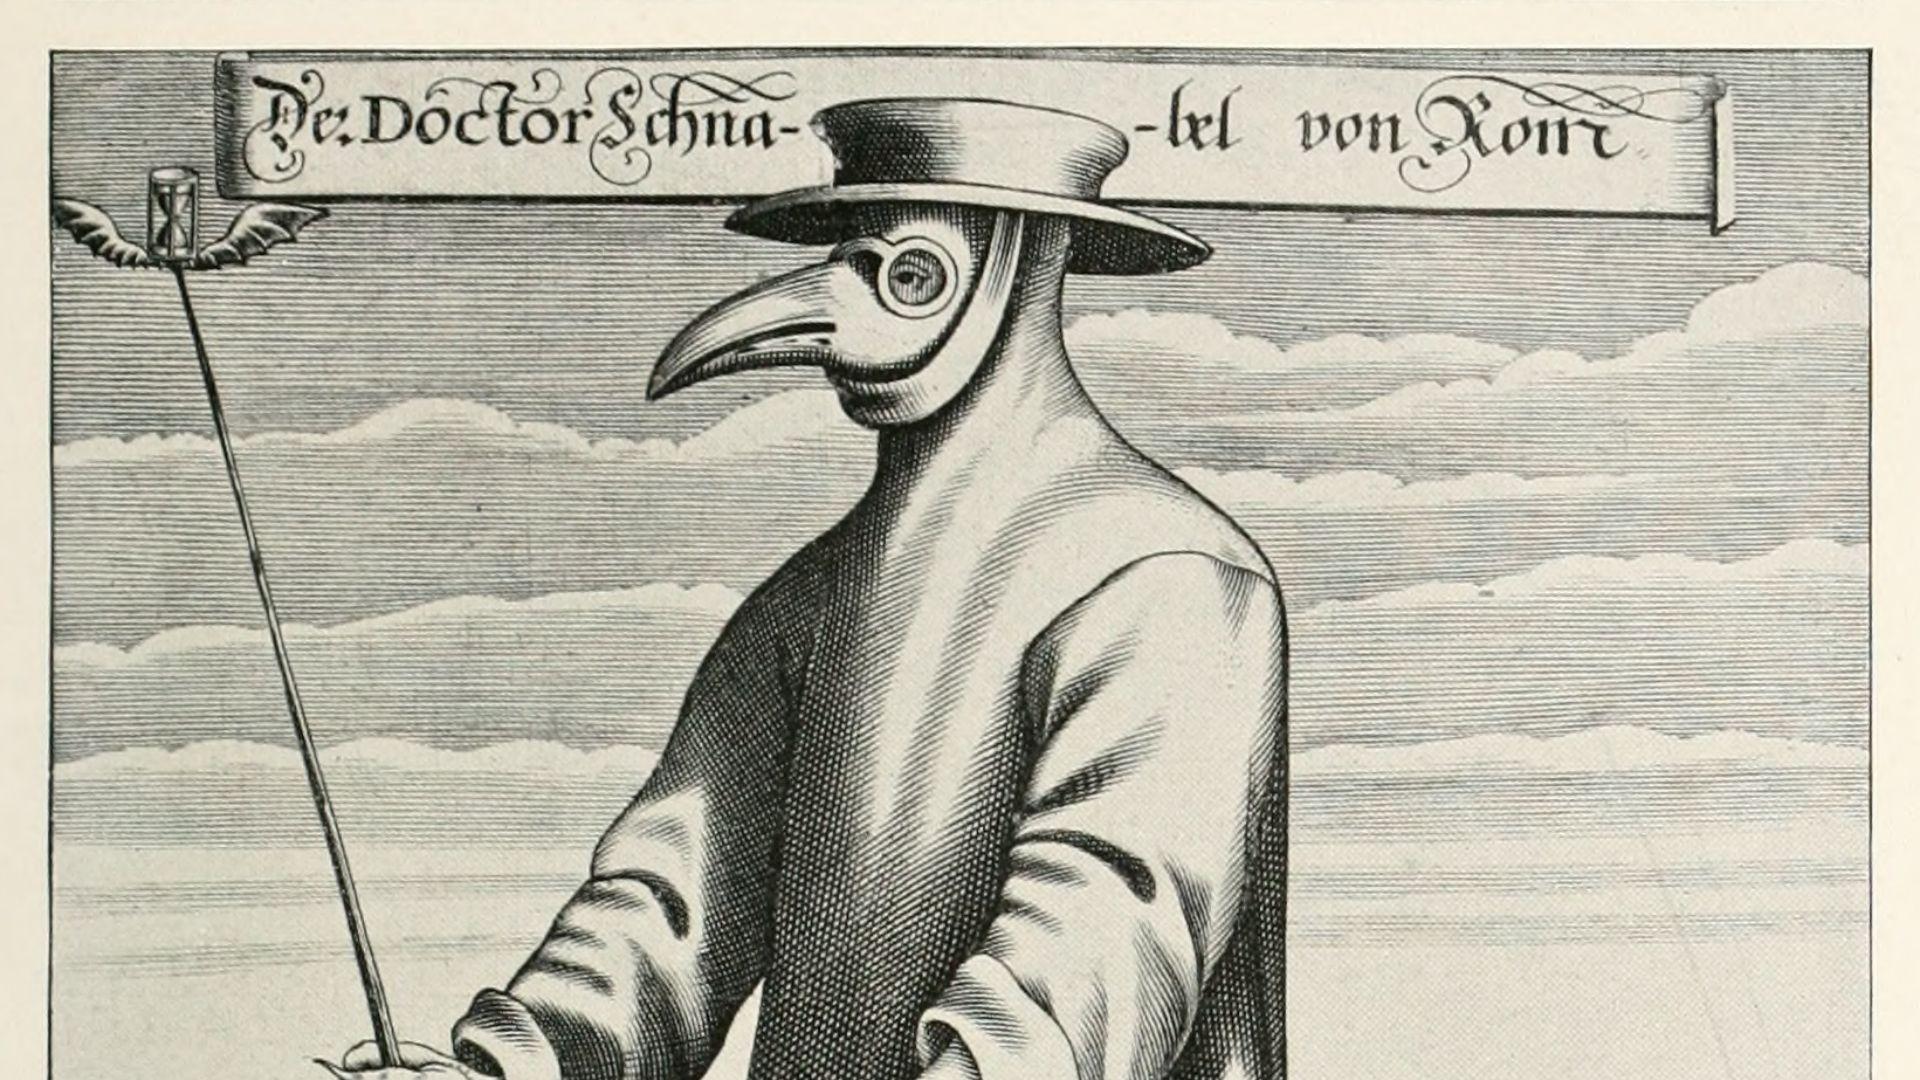 La Peste Atlántica. Años 1596-1602. Se inició en la Península Ibérica con altas tasas de mortalidad que, en Castilla, llegaron casi al 15% de la población. En la imagen, el «Doctor de la Peste» con su máscara de pico, en un grabado alemán de 1656